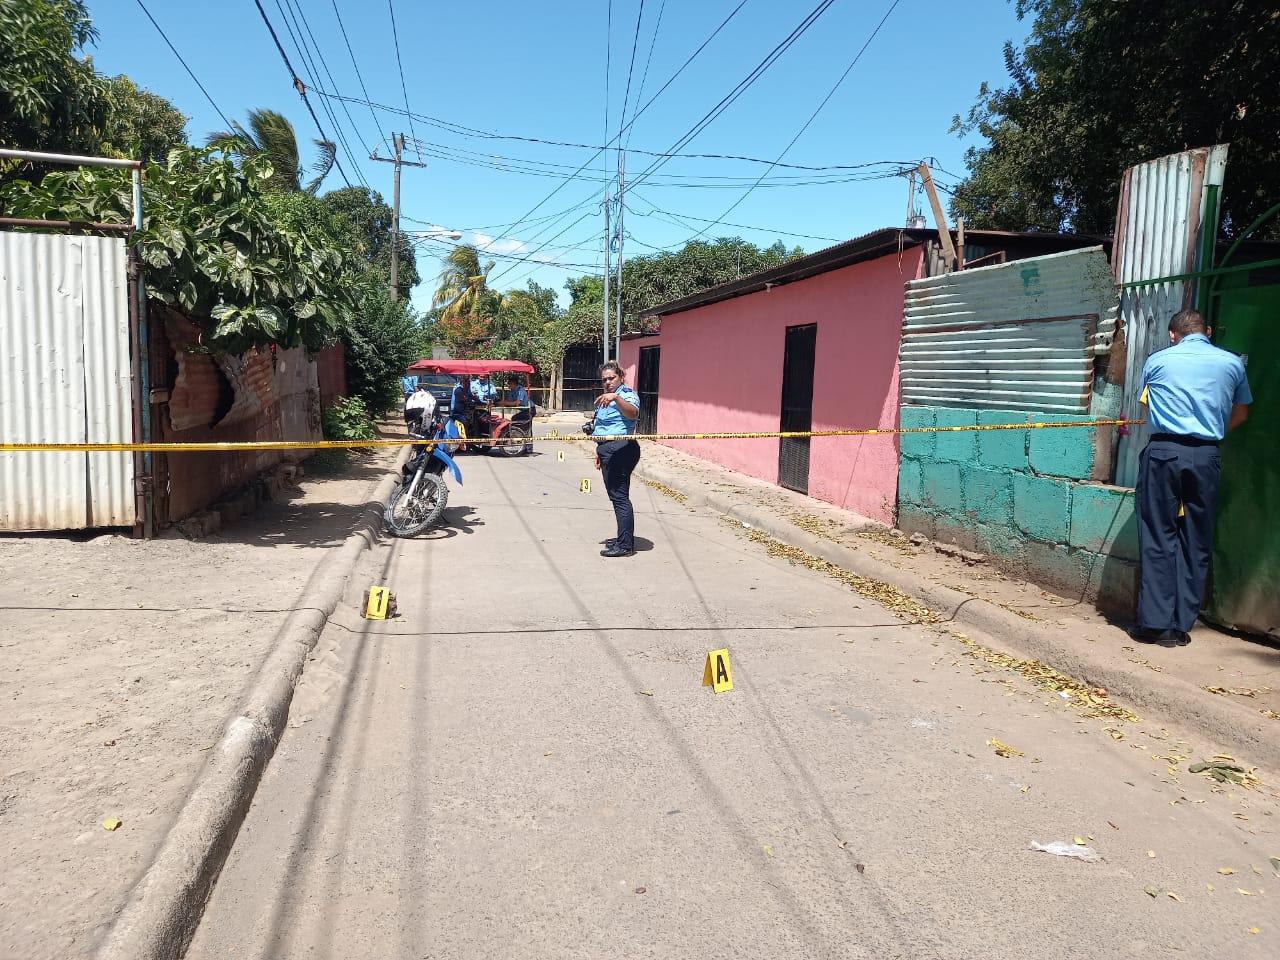 Delincuente hiere con cuchillo a policía en Managua Managua. Jerson Dumas/ La Primerísíma